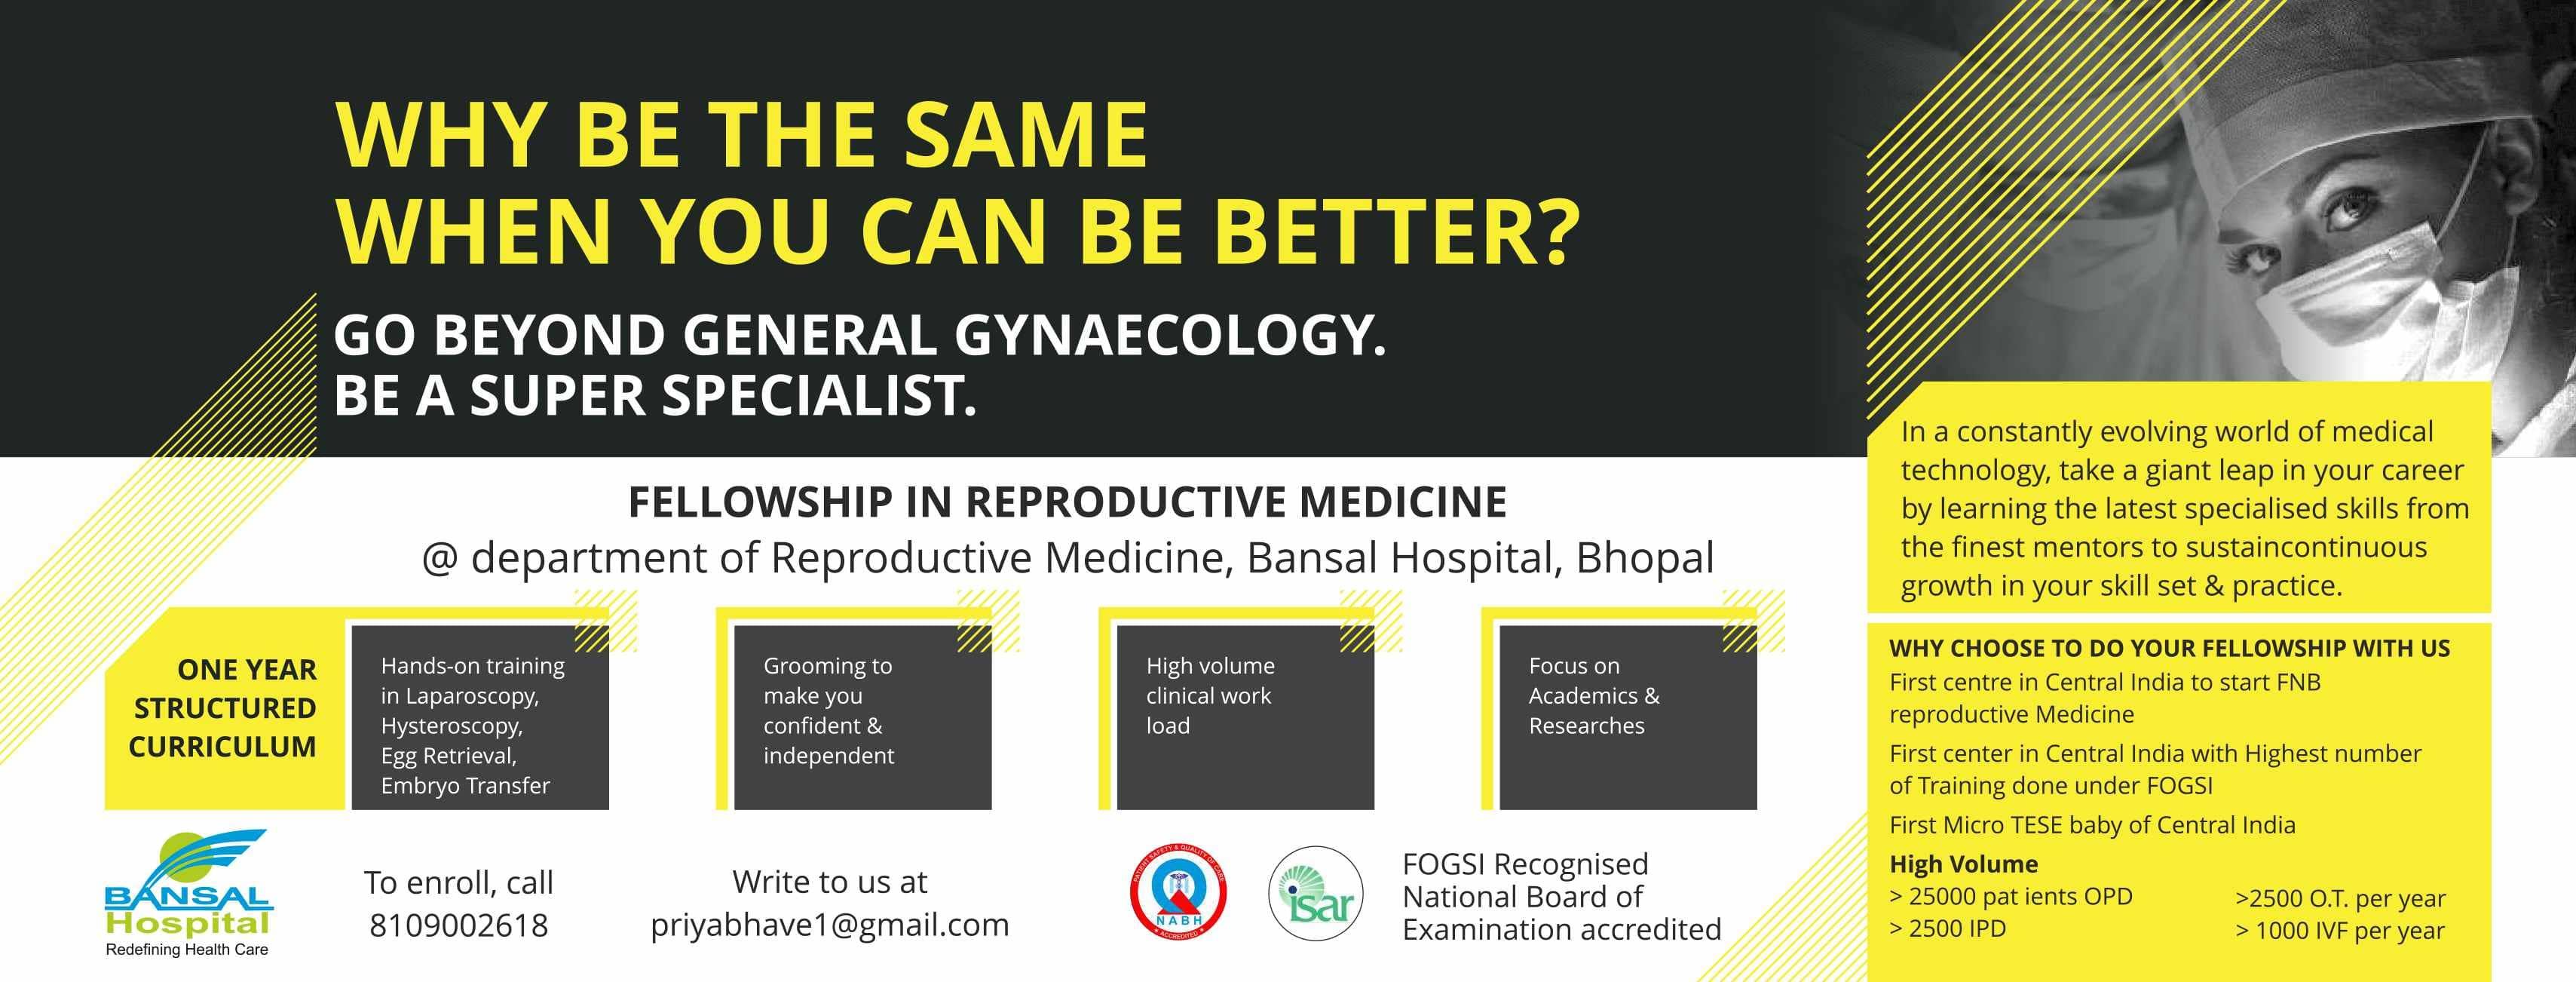 Dr  Priya Bhave Chittawar | IVF Specialist Bhopal | Test Tube Baby